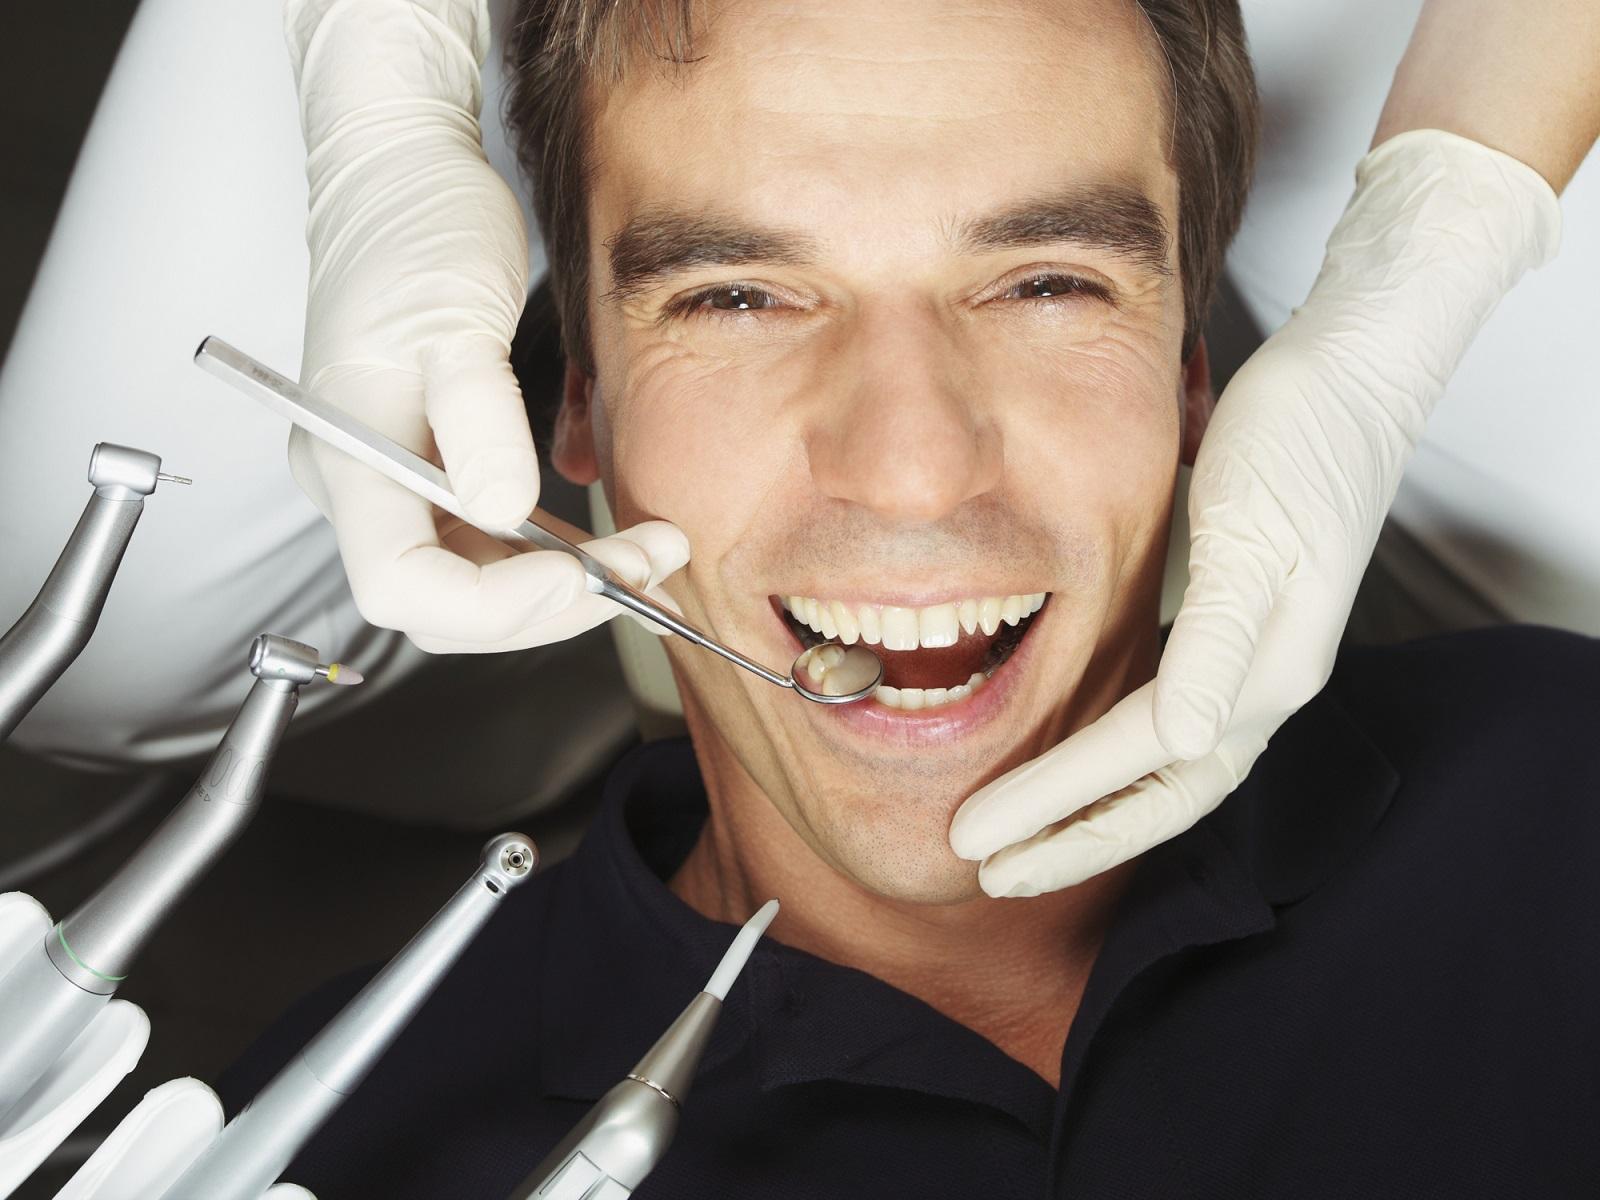 Dlaczego warto posiadać kartę stałego pacjenta u stomatologa?